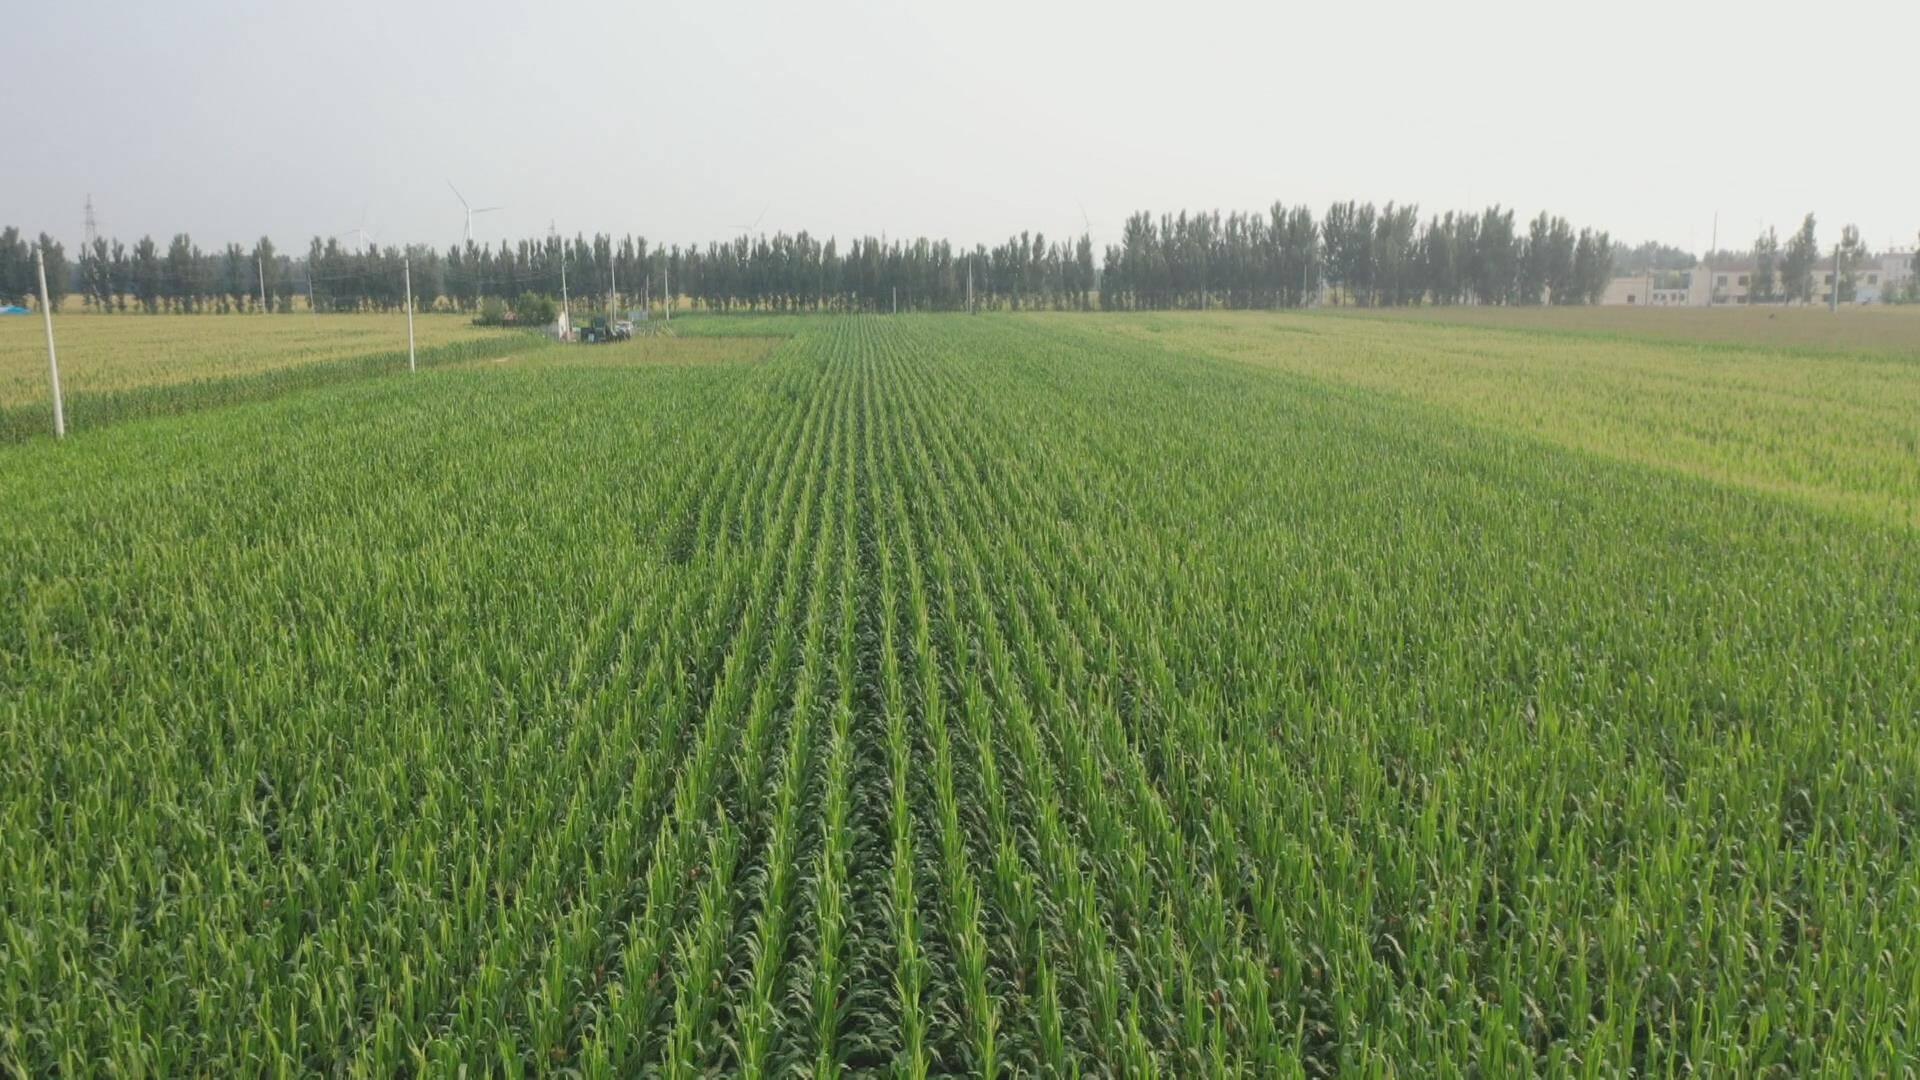 德州夏津粮食高产农业示范方玉米长势喜人 丰收在望